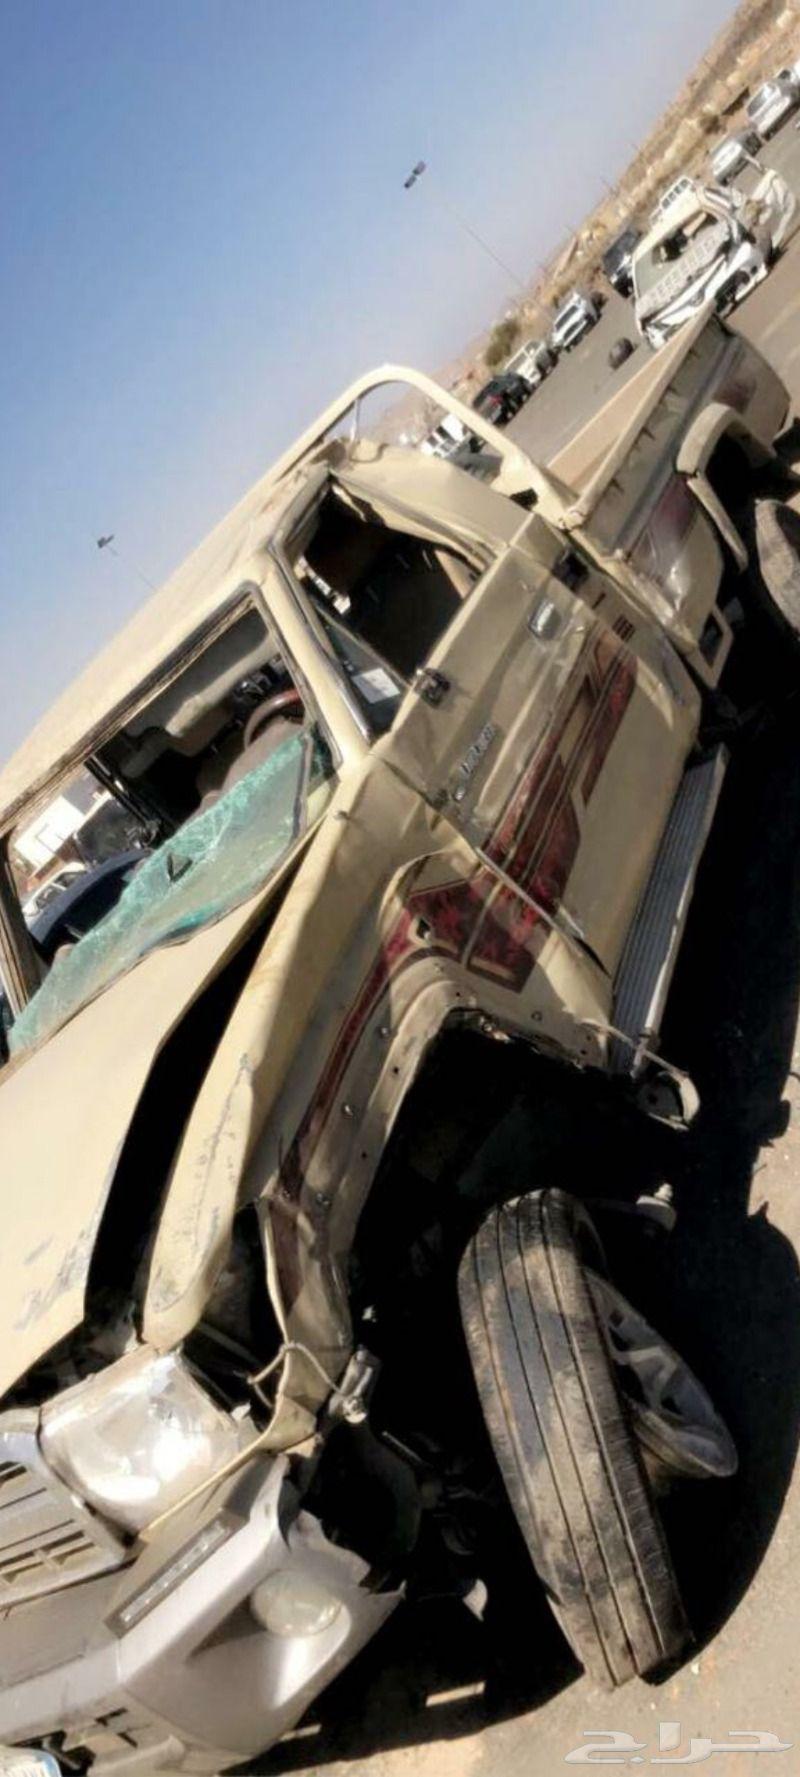 شاص 2013 مقلوب مصدوم ( مبيوع)